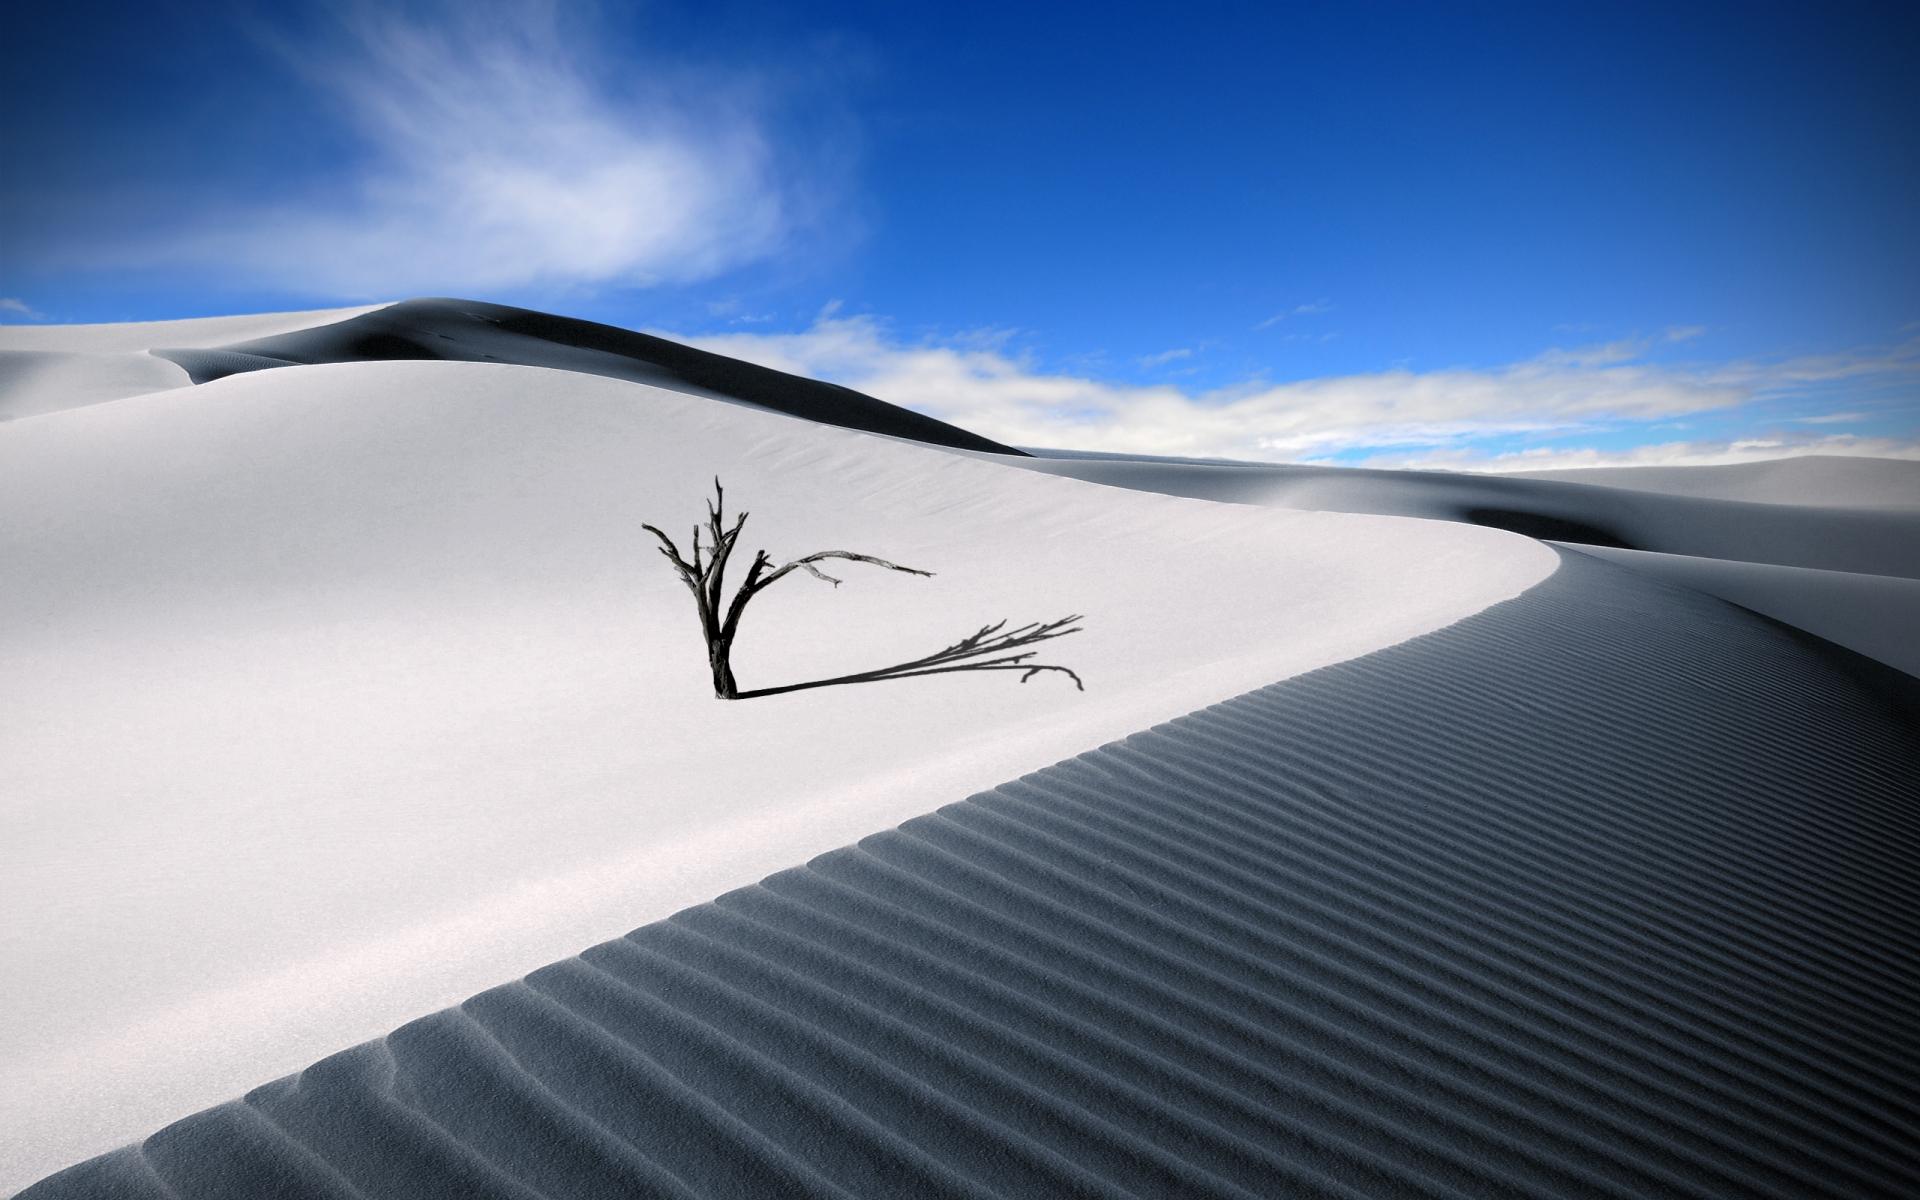 Dunas en el desierto - 1920x1200